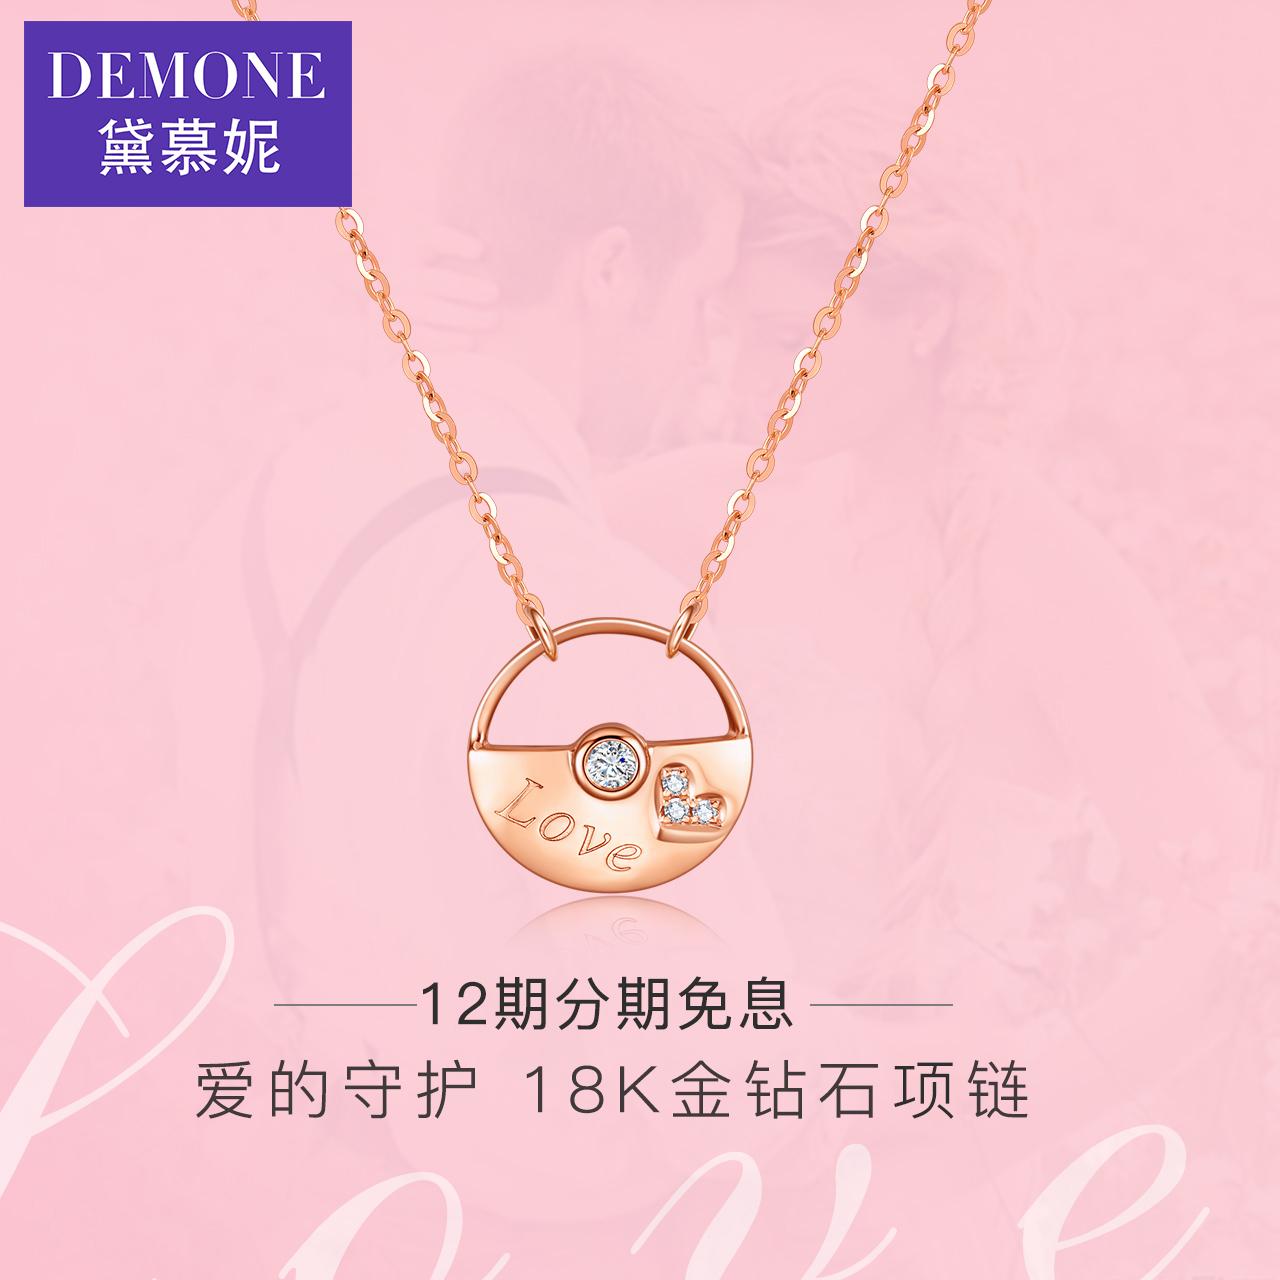 黛慕妮 18K金项链 彩金项链女 玫瑰金钻石套链正品七夕礼物送女友